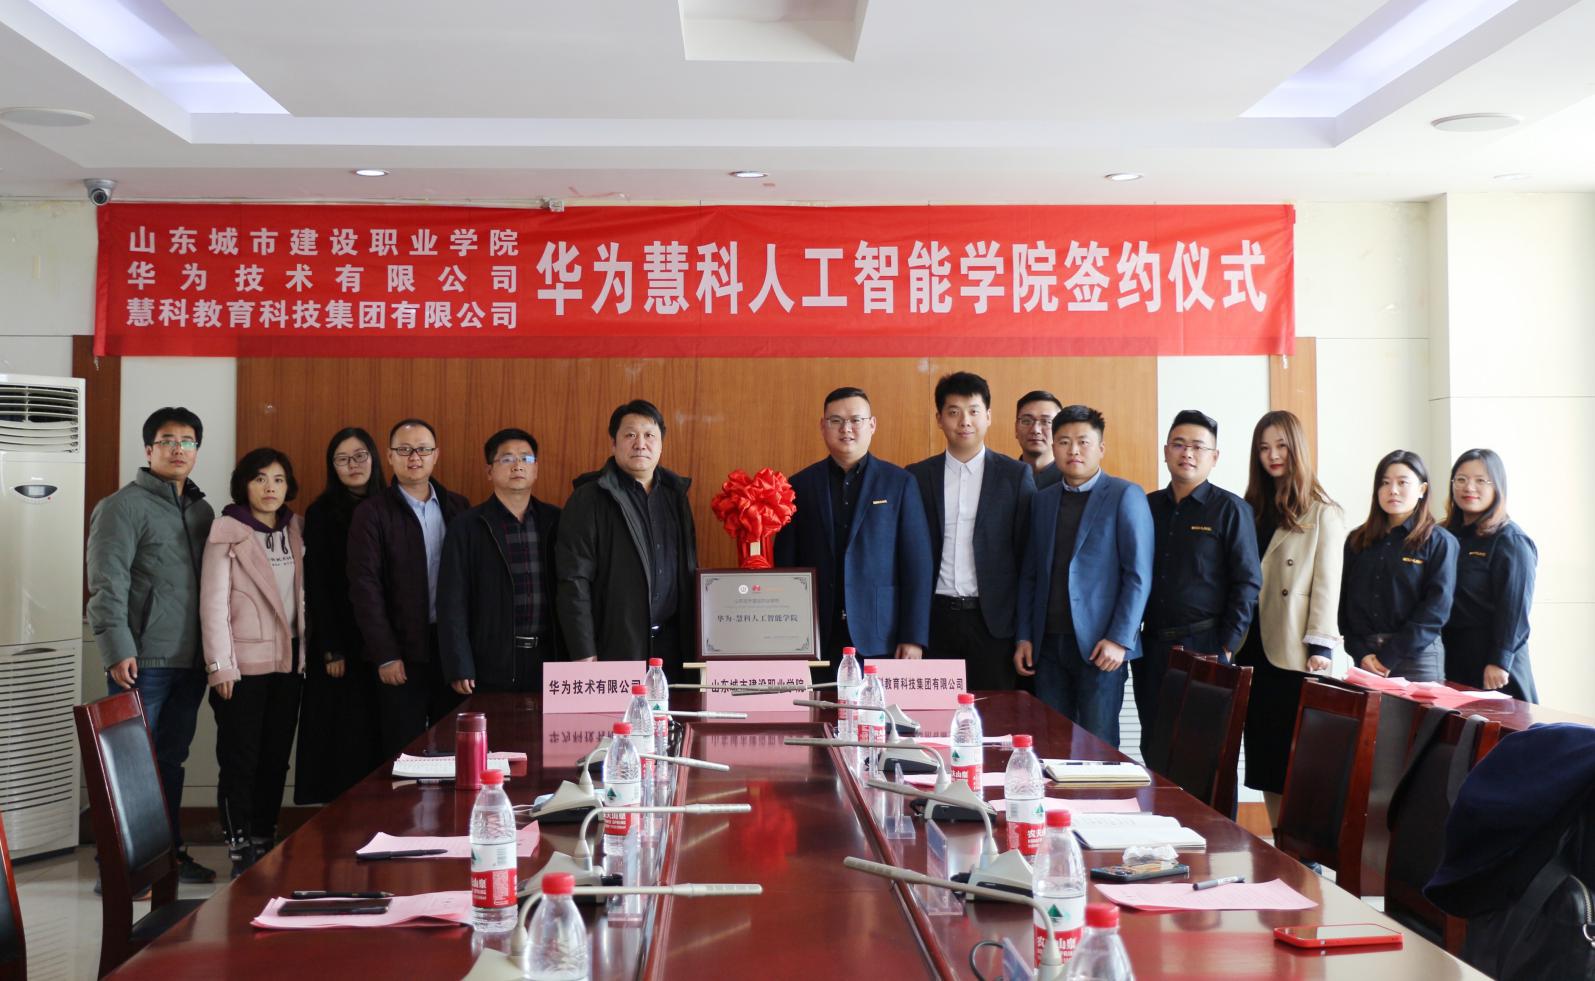 慧科集团与华为、山东城市建设职业学院共建华为-慧科人工智能学院